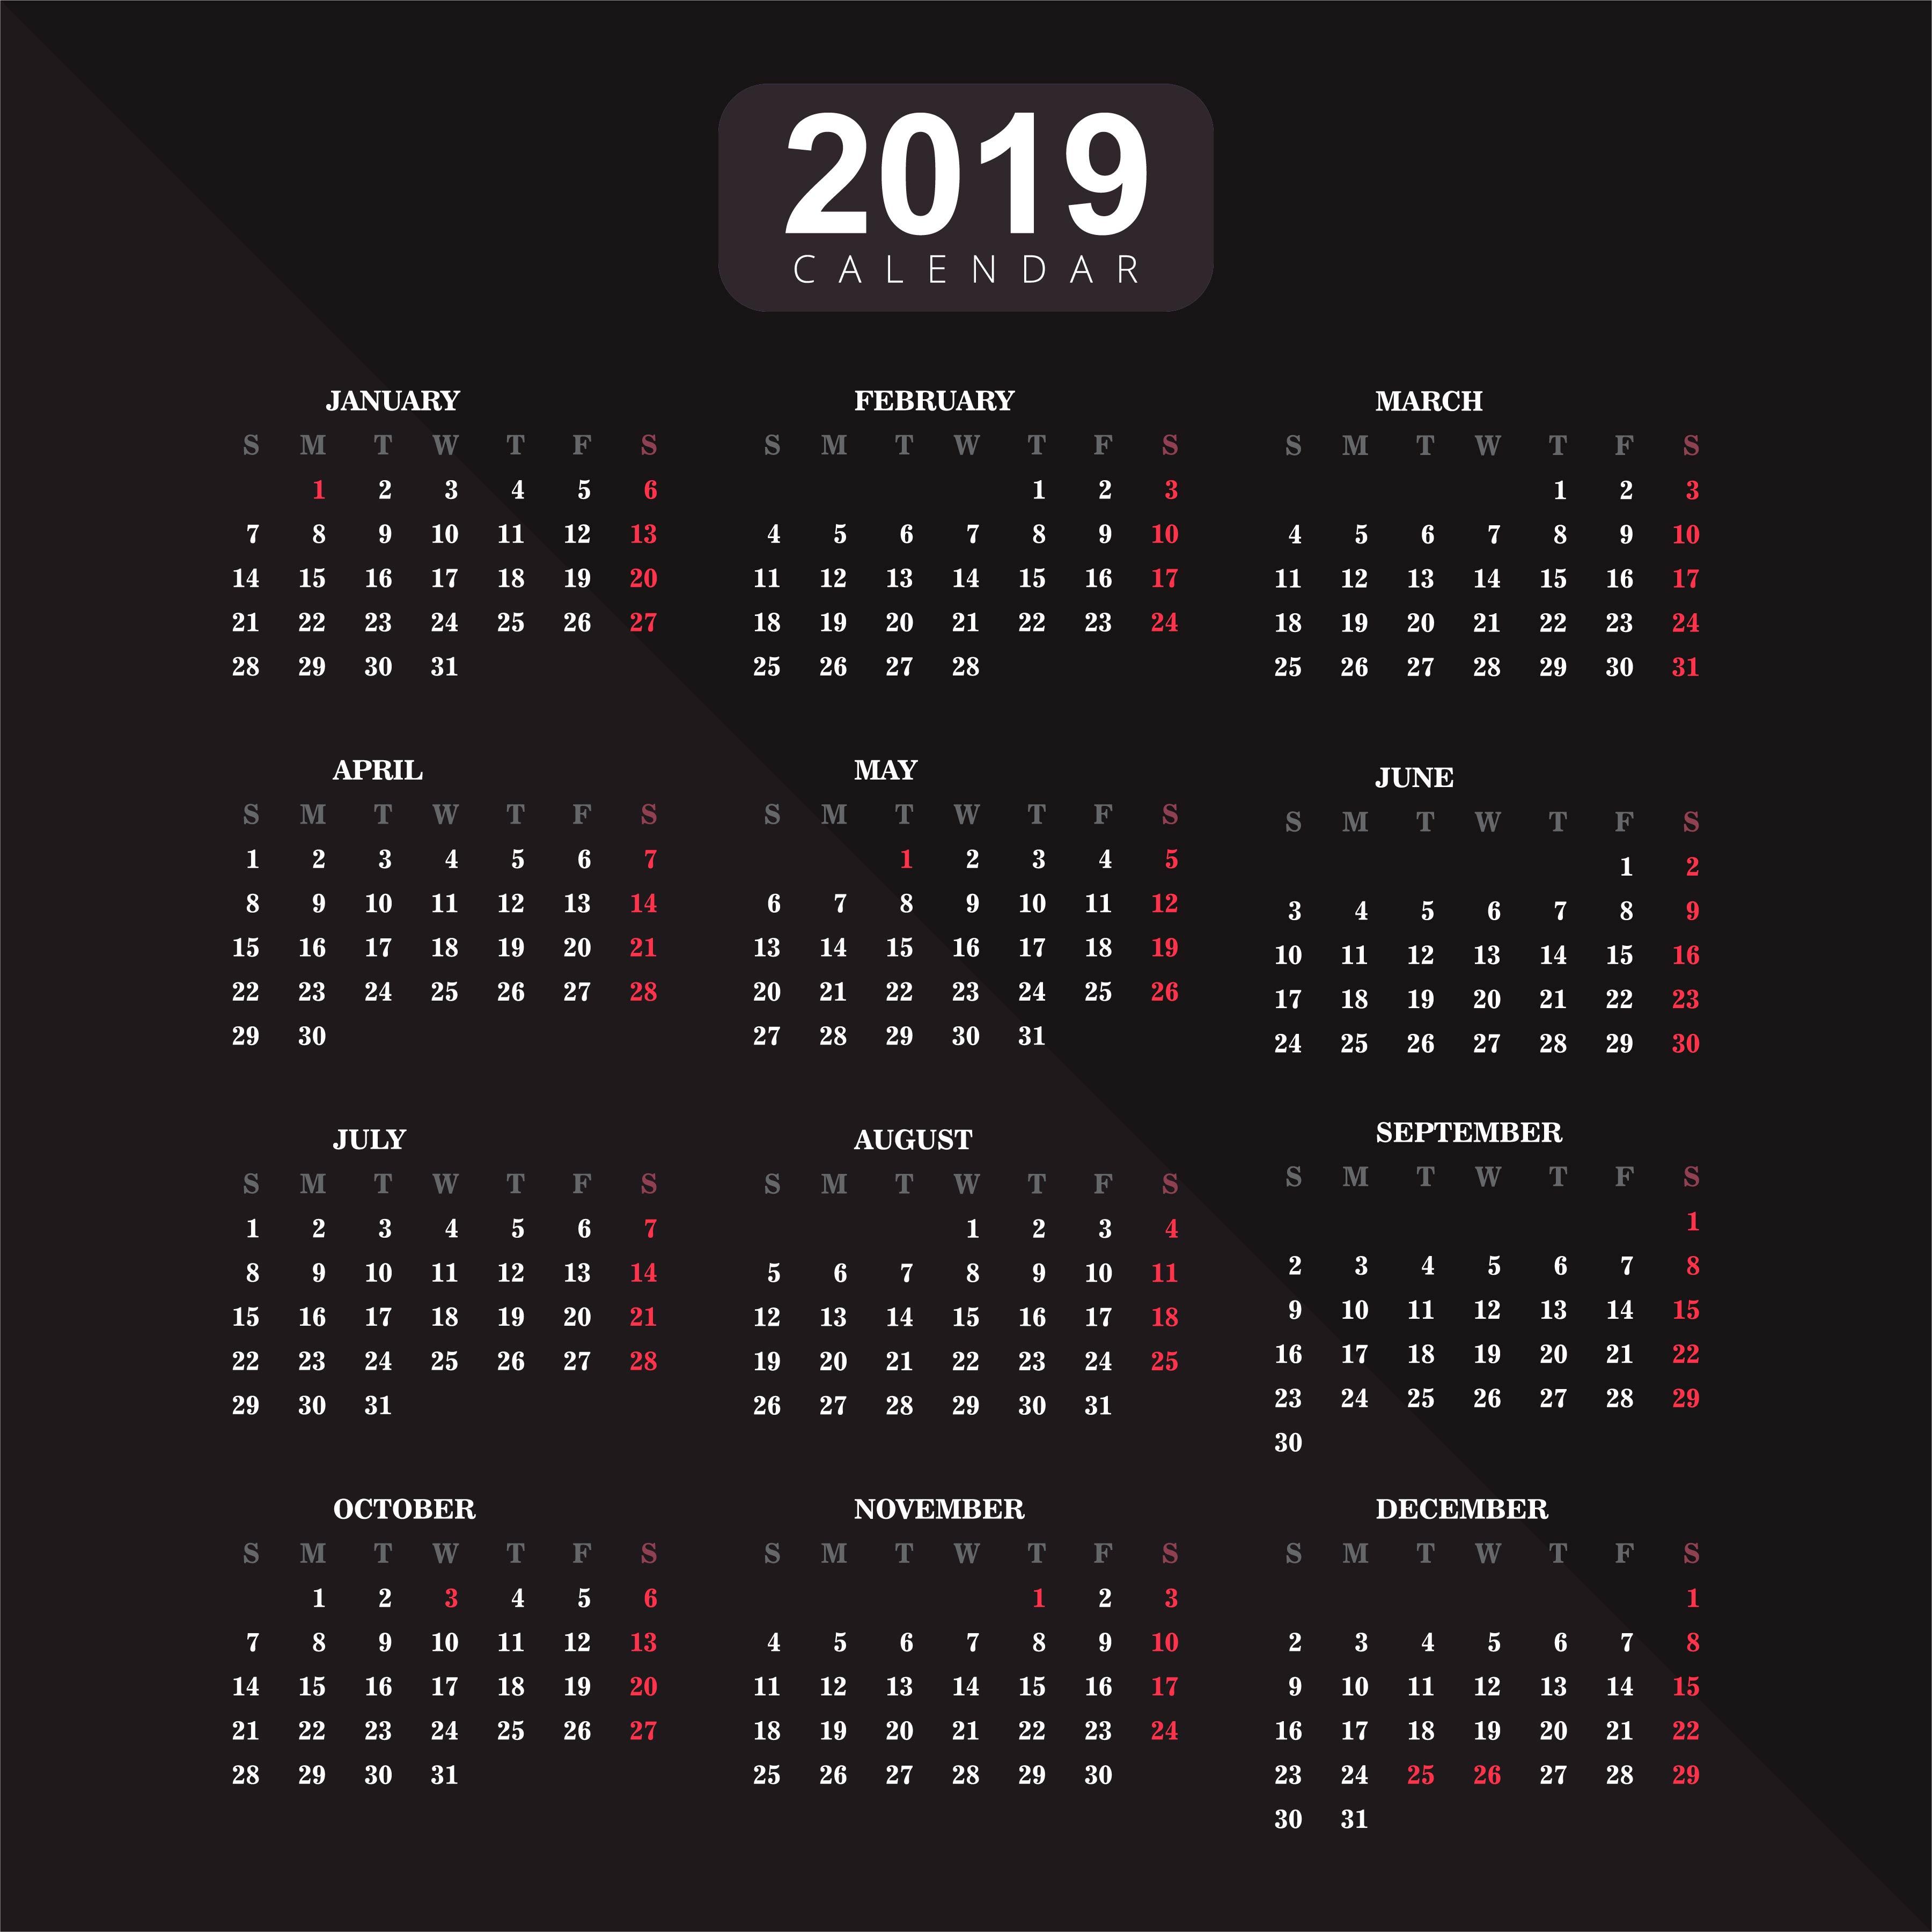 Calendar 2019 Vector Download